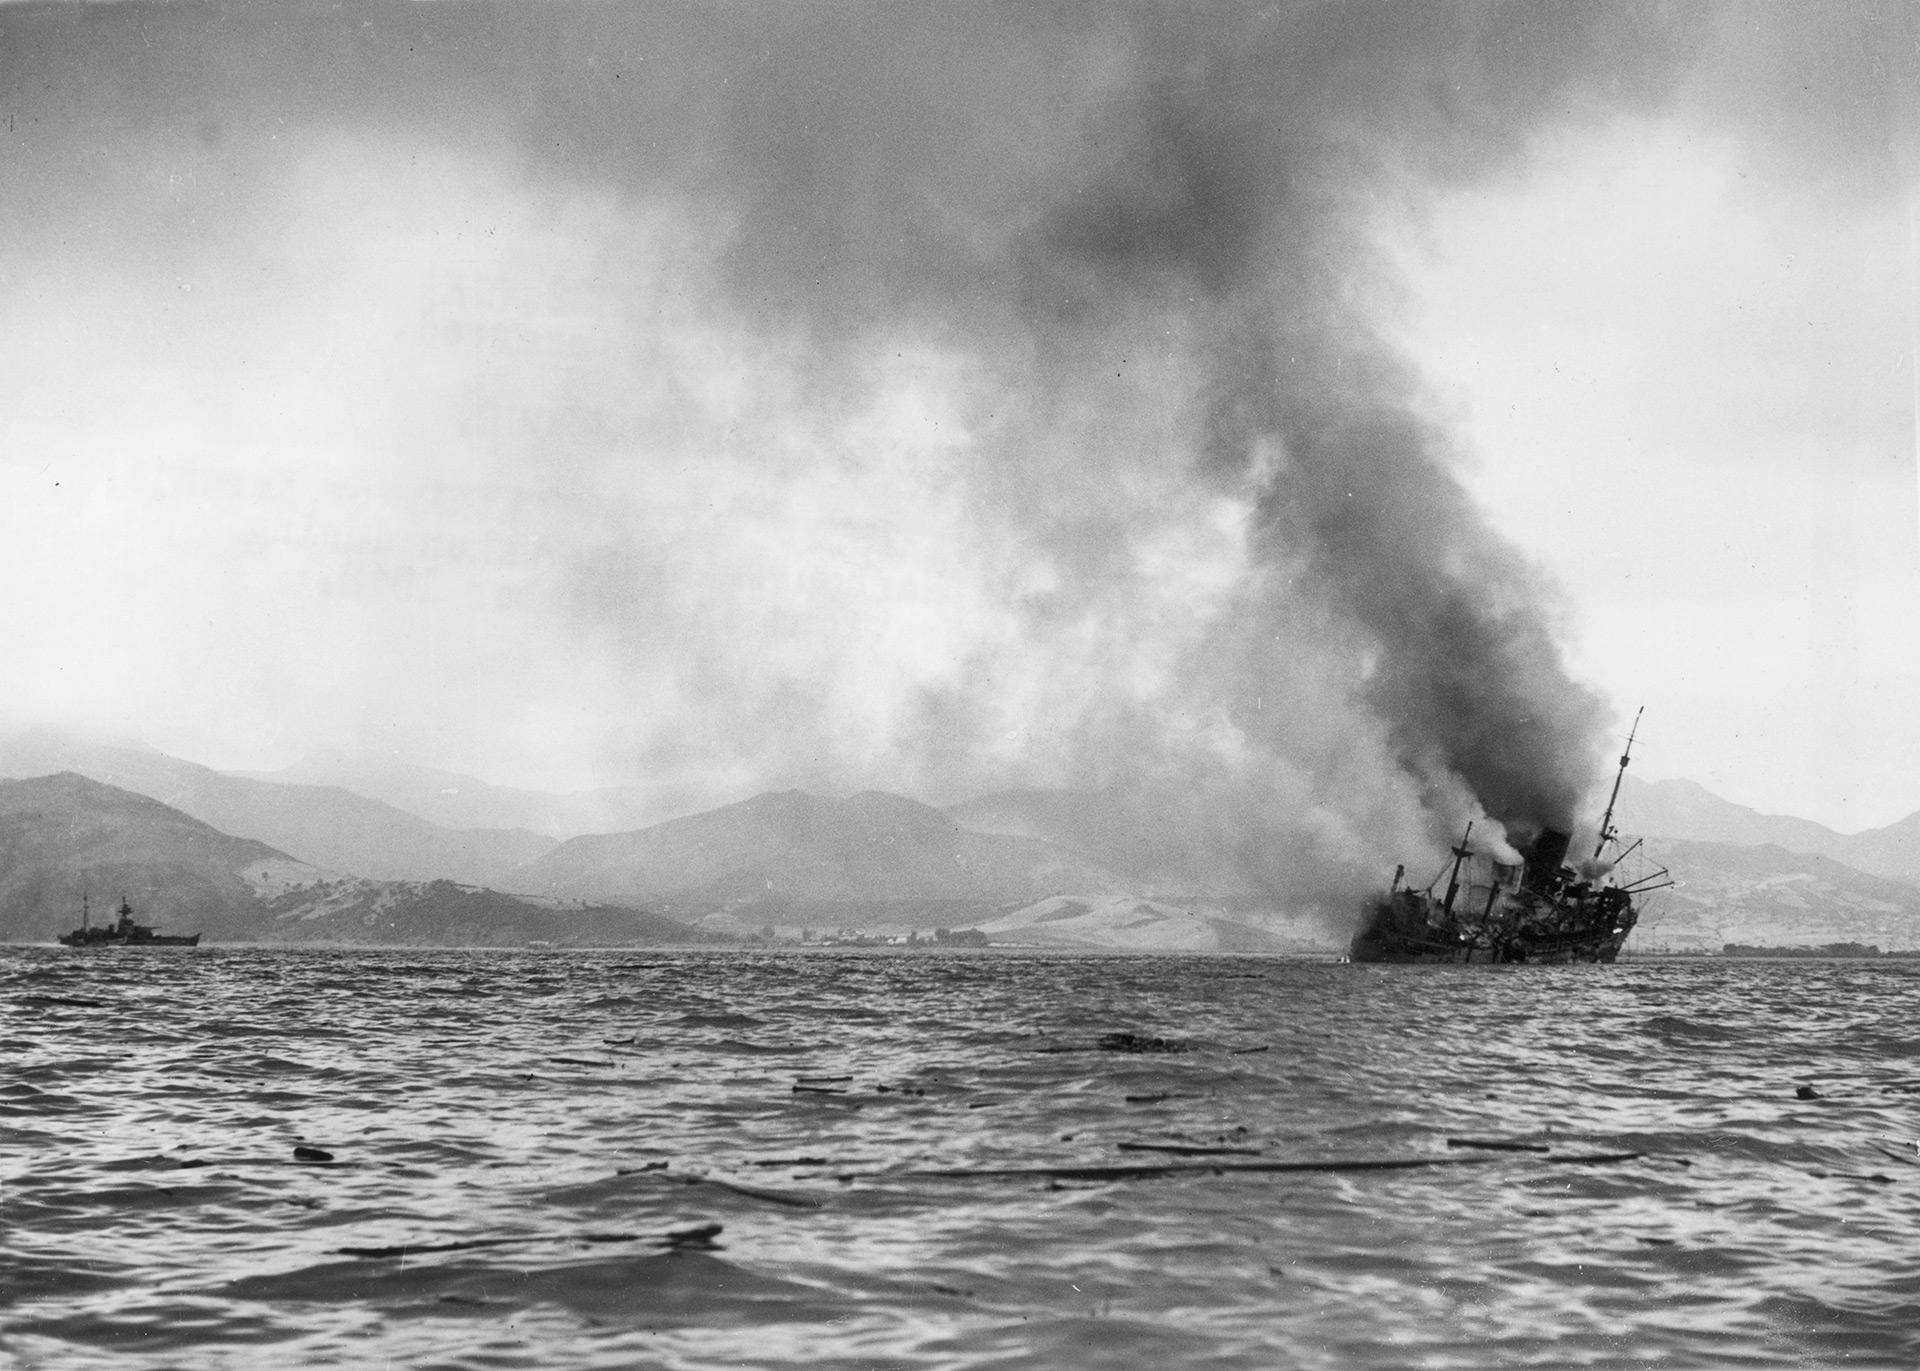 Un transporte británico hecha humo tras ser alcanzado por bombarderos alemanes (Hulton Archive/Getty Images)